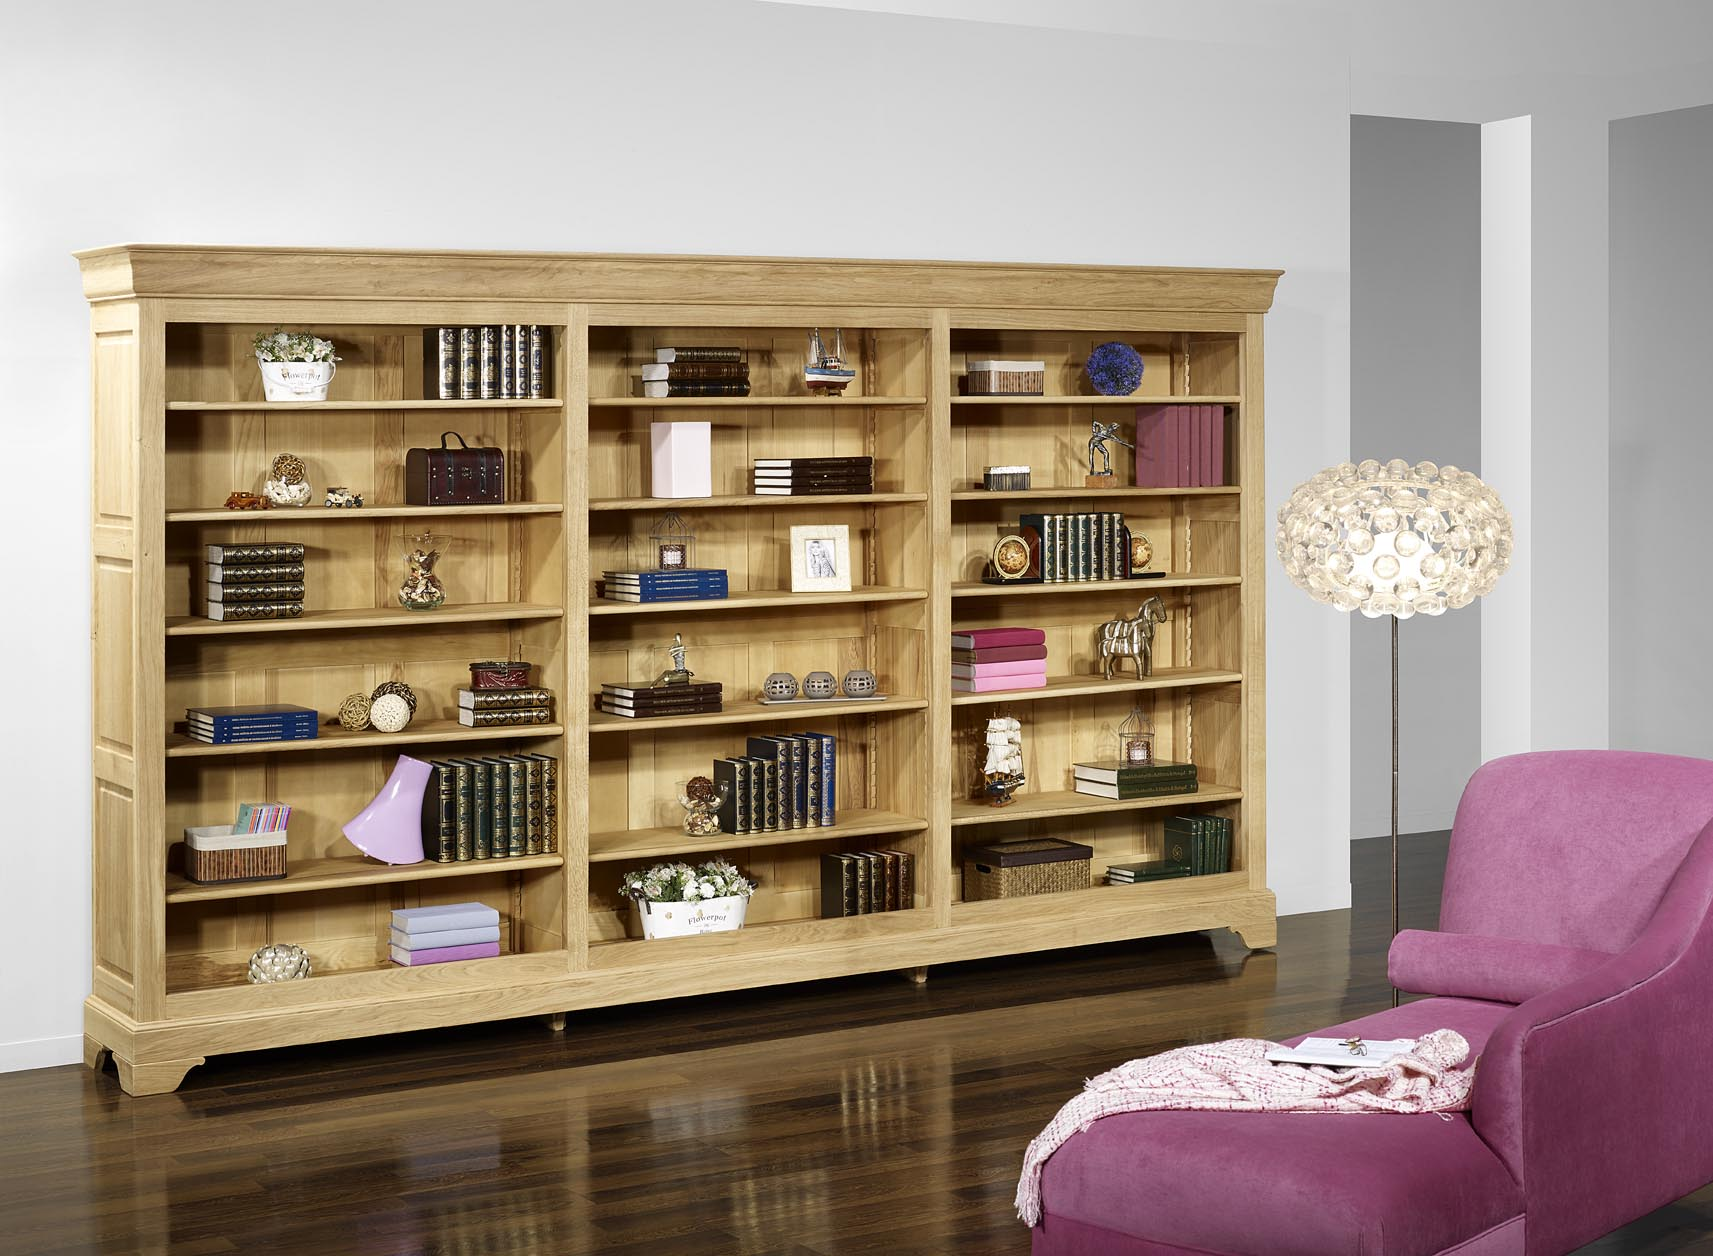 biblioth que simon en ch ne massif de style louis philippe longueur 360 cm meuble en ch ne massif. Black Bedroom Furniture Sets. Home Design Ideas